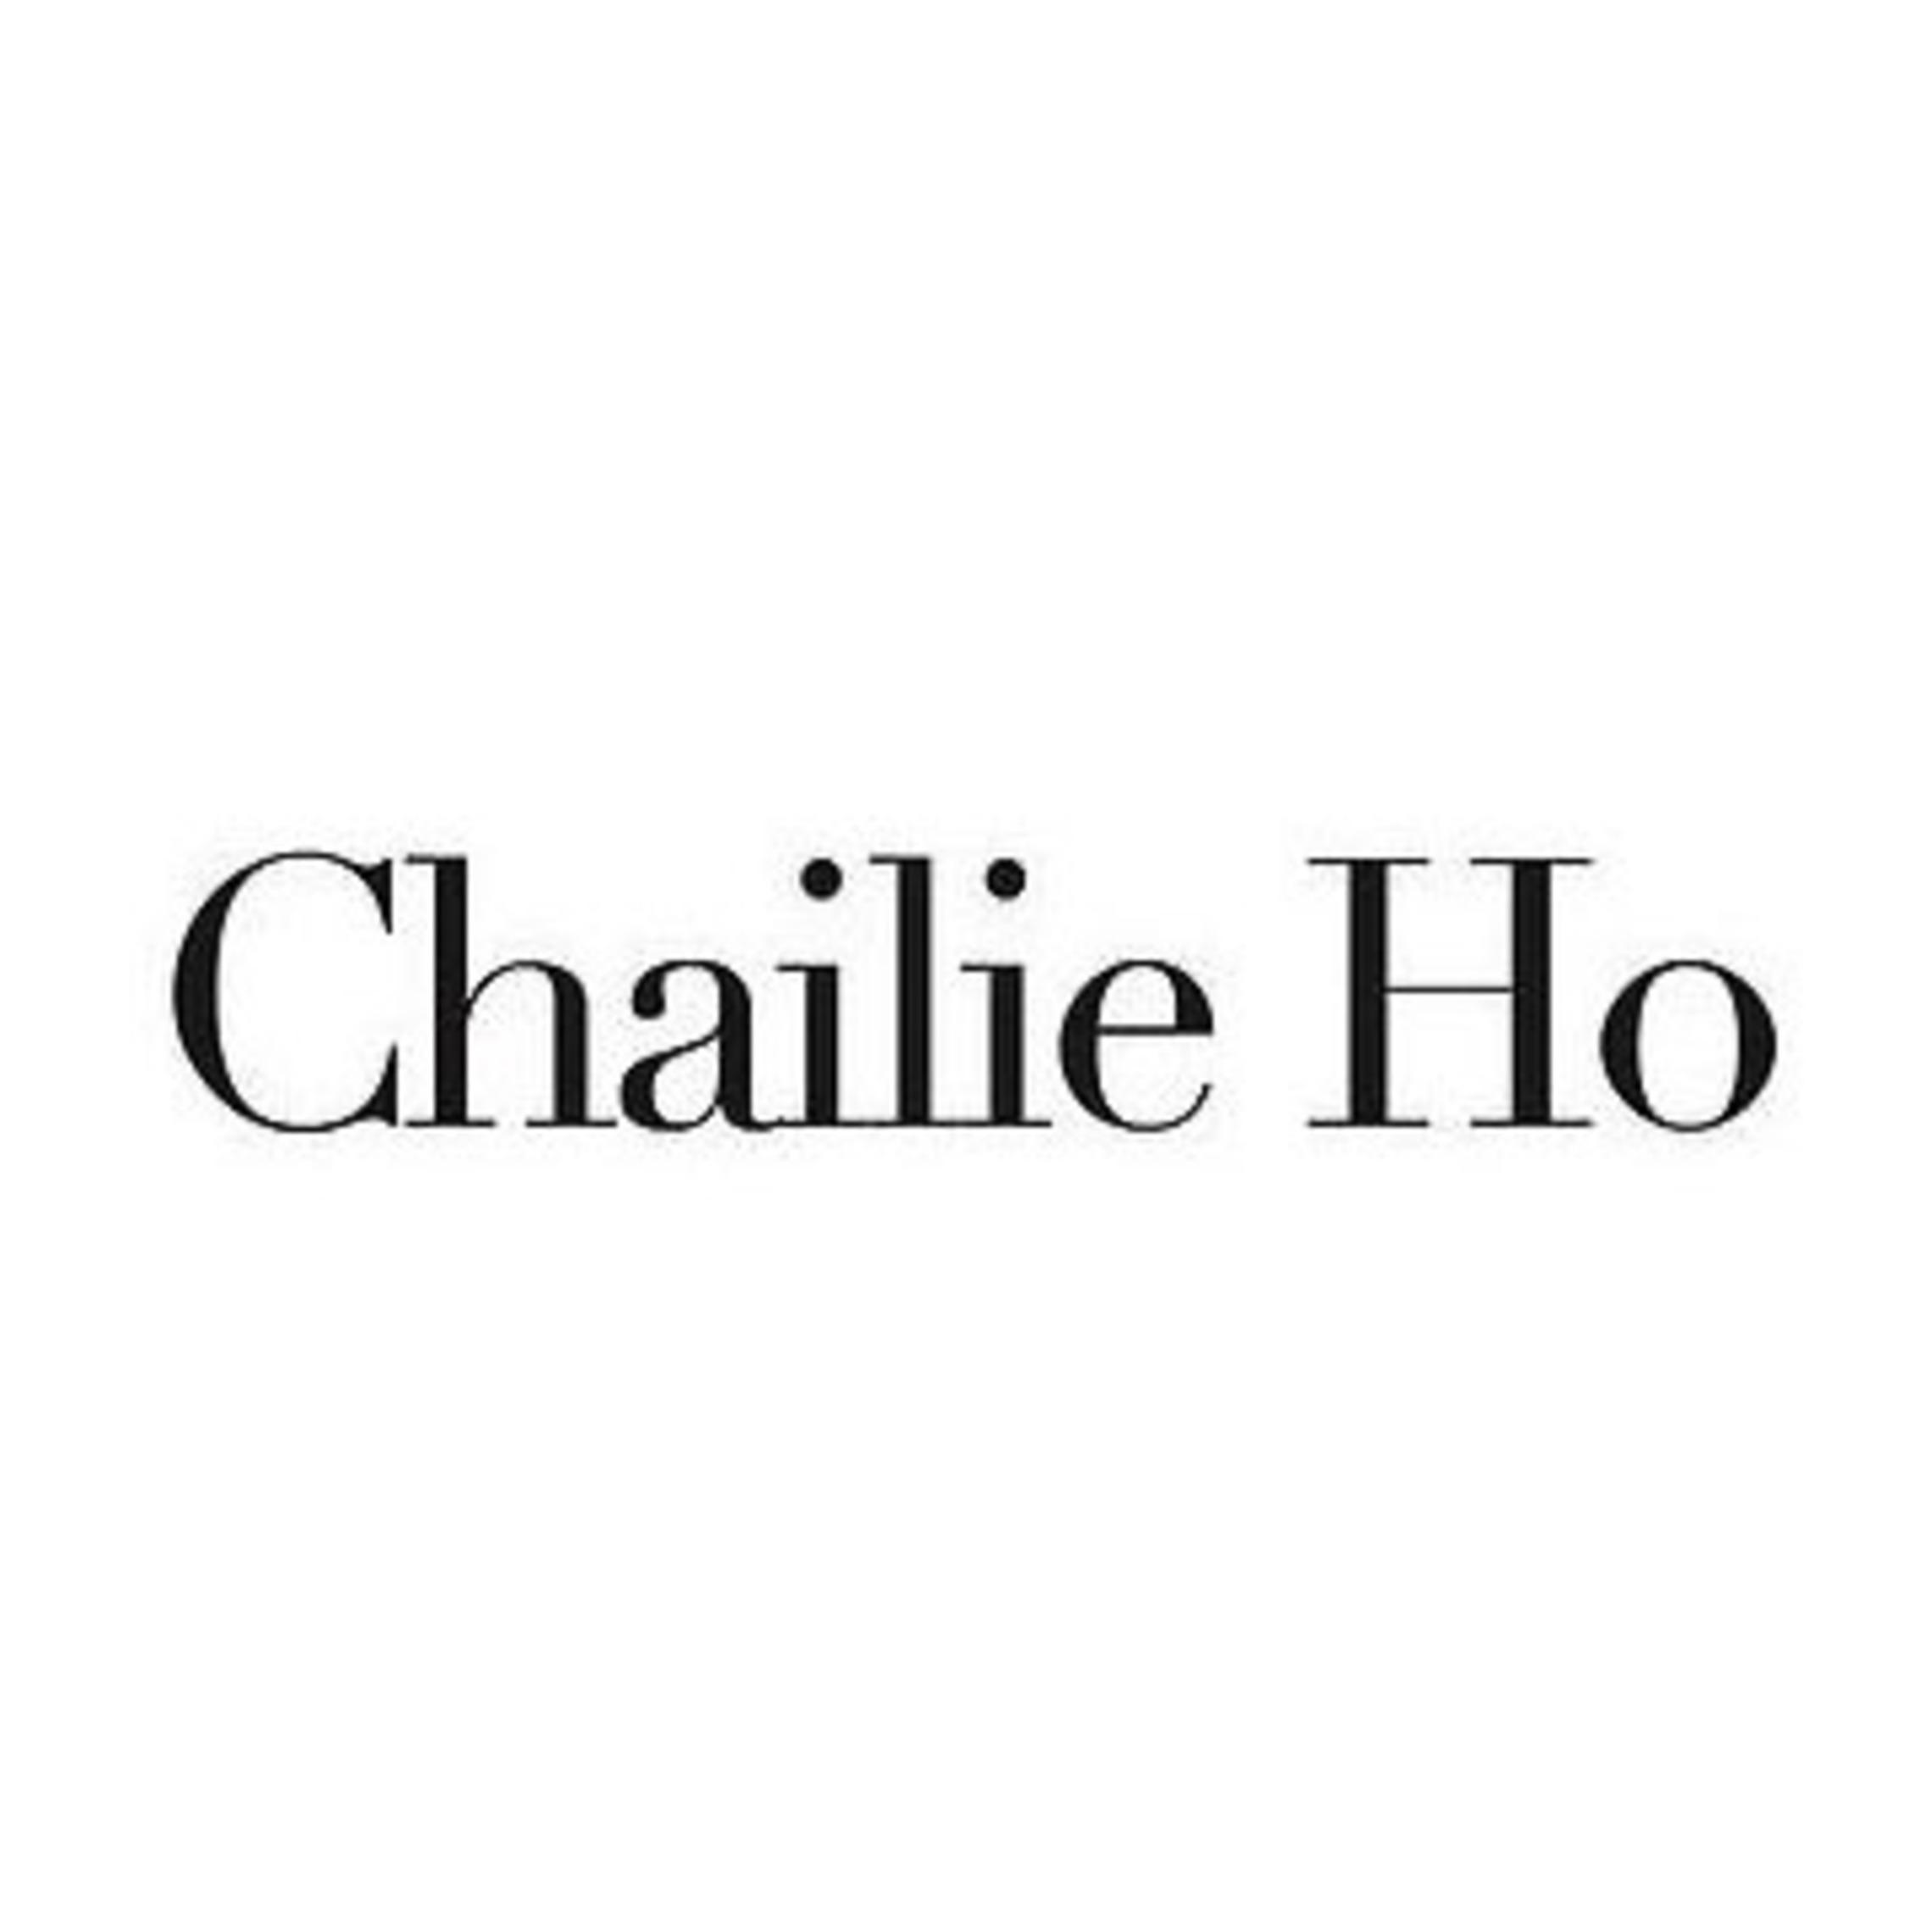 chailie ho fashion- company logo